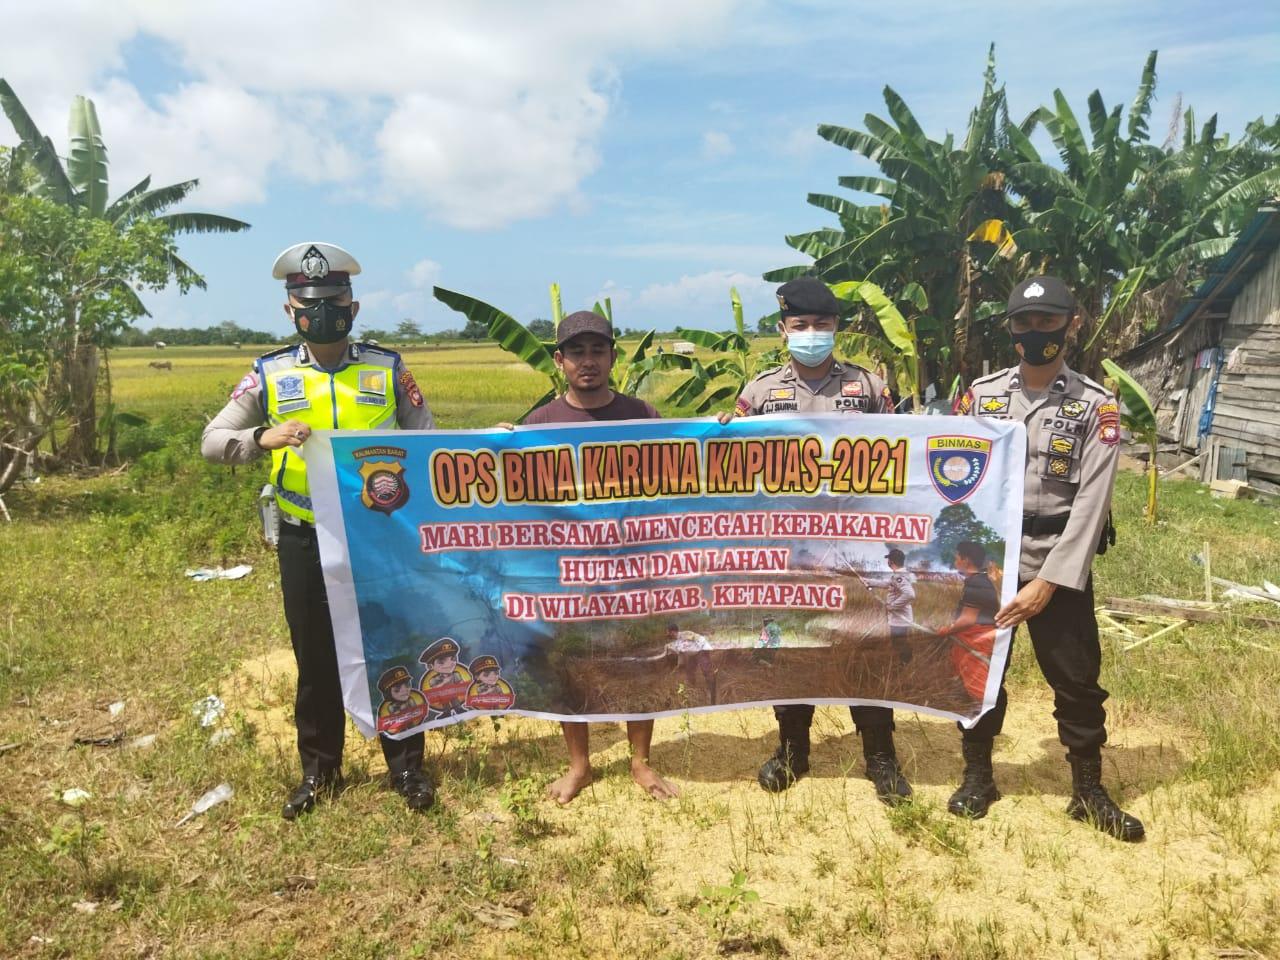 Patroli Terpadu Karhutla juga Beri Edukasi Masyarakat untuk Cegah COVID-19